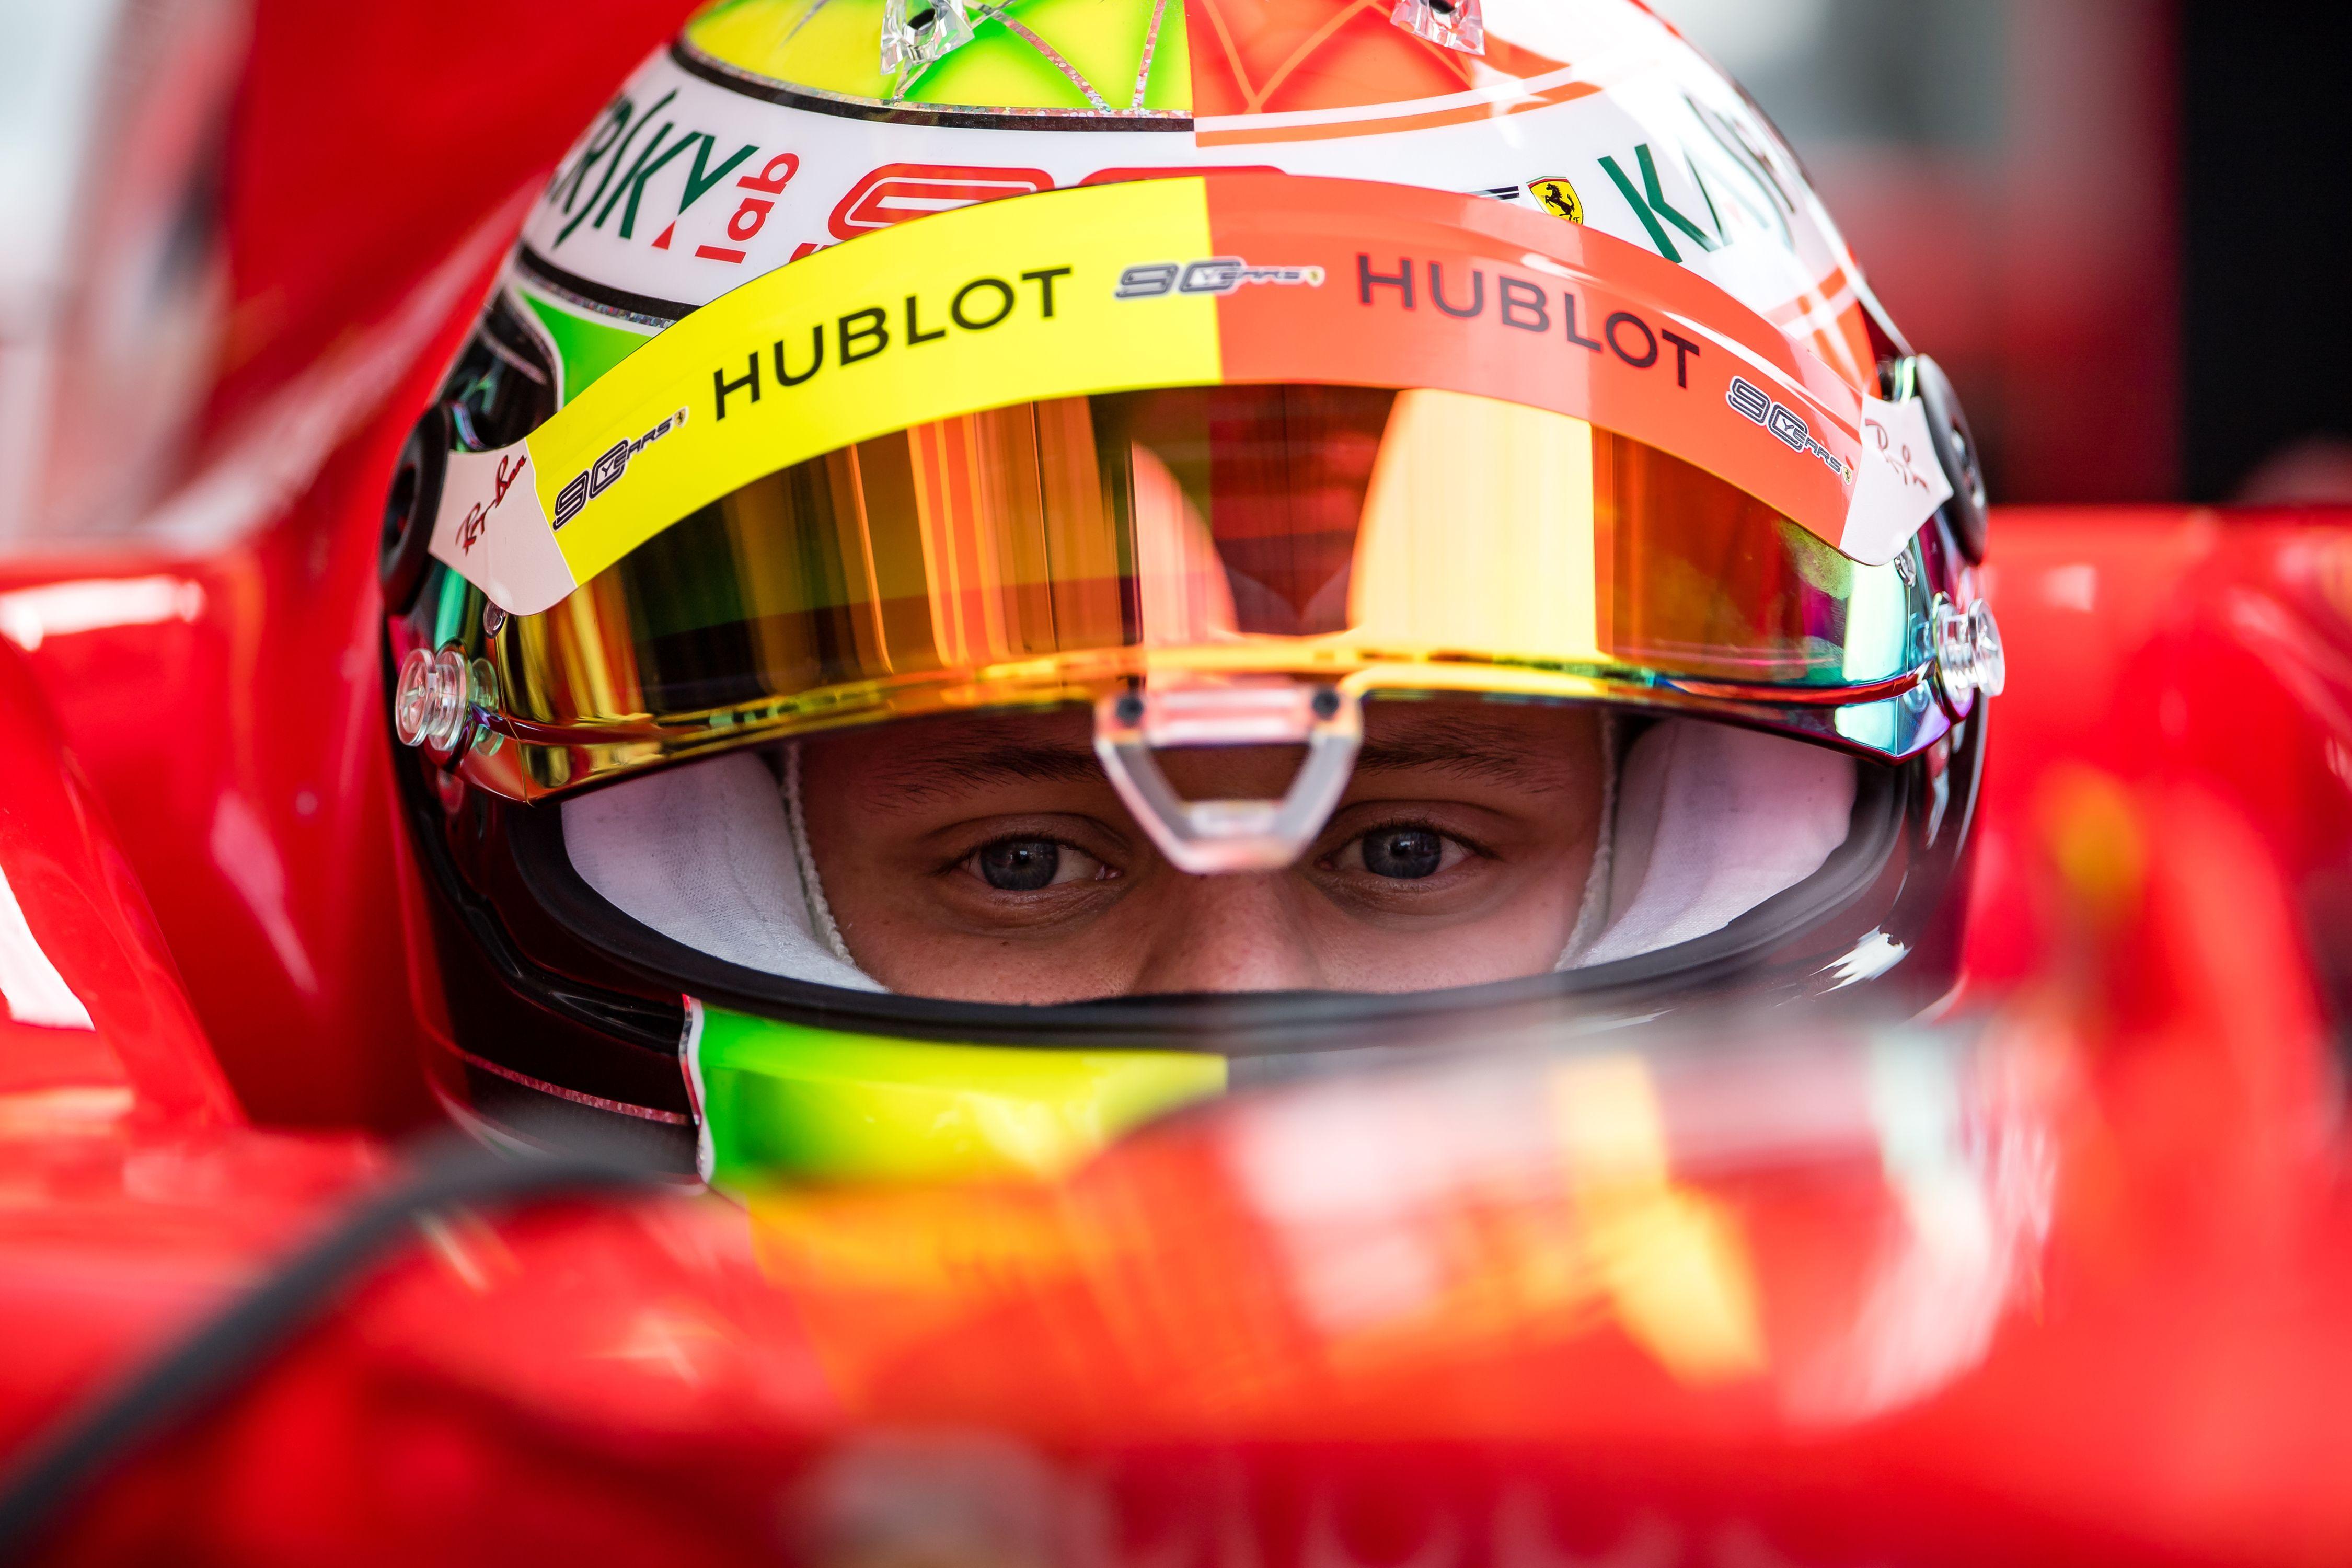 Wie sein Vater: Mick Schumacher im Ferrari F2004 am Hockenheimring.